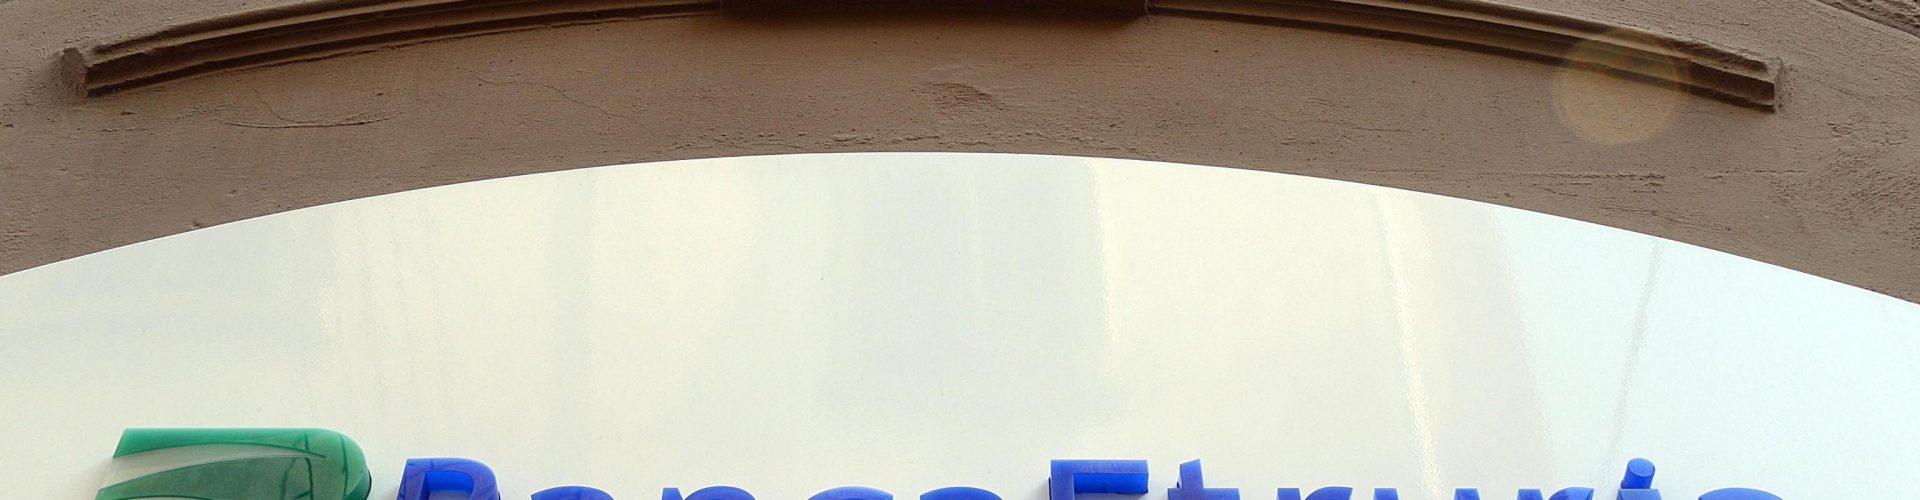 """Manovra, stop allo """"scudo"""" delle banche contro i risparmiatori"""